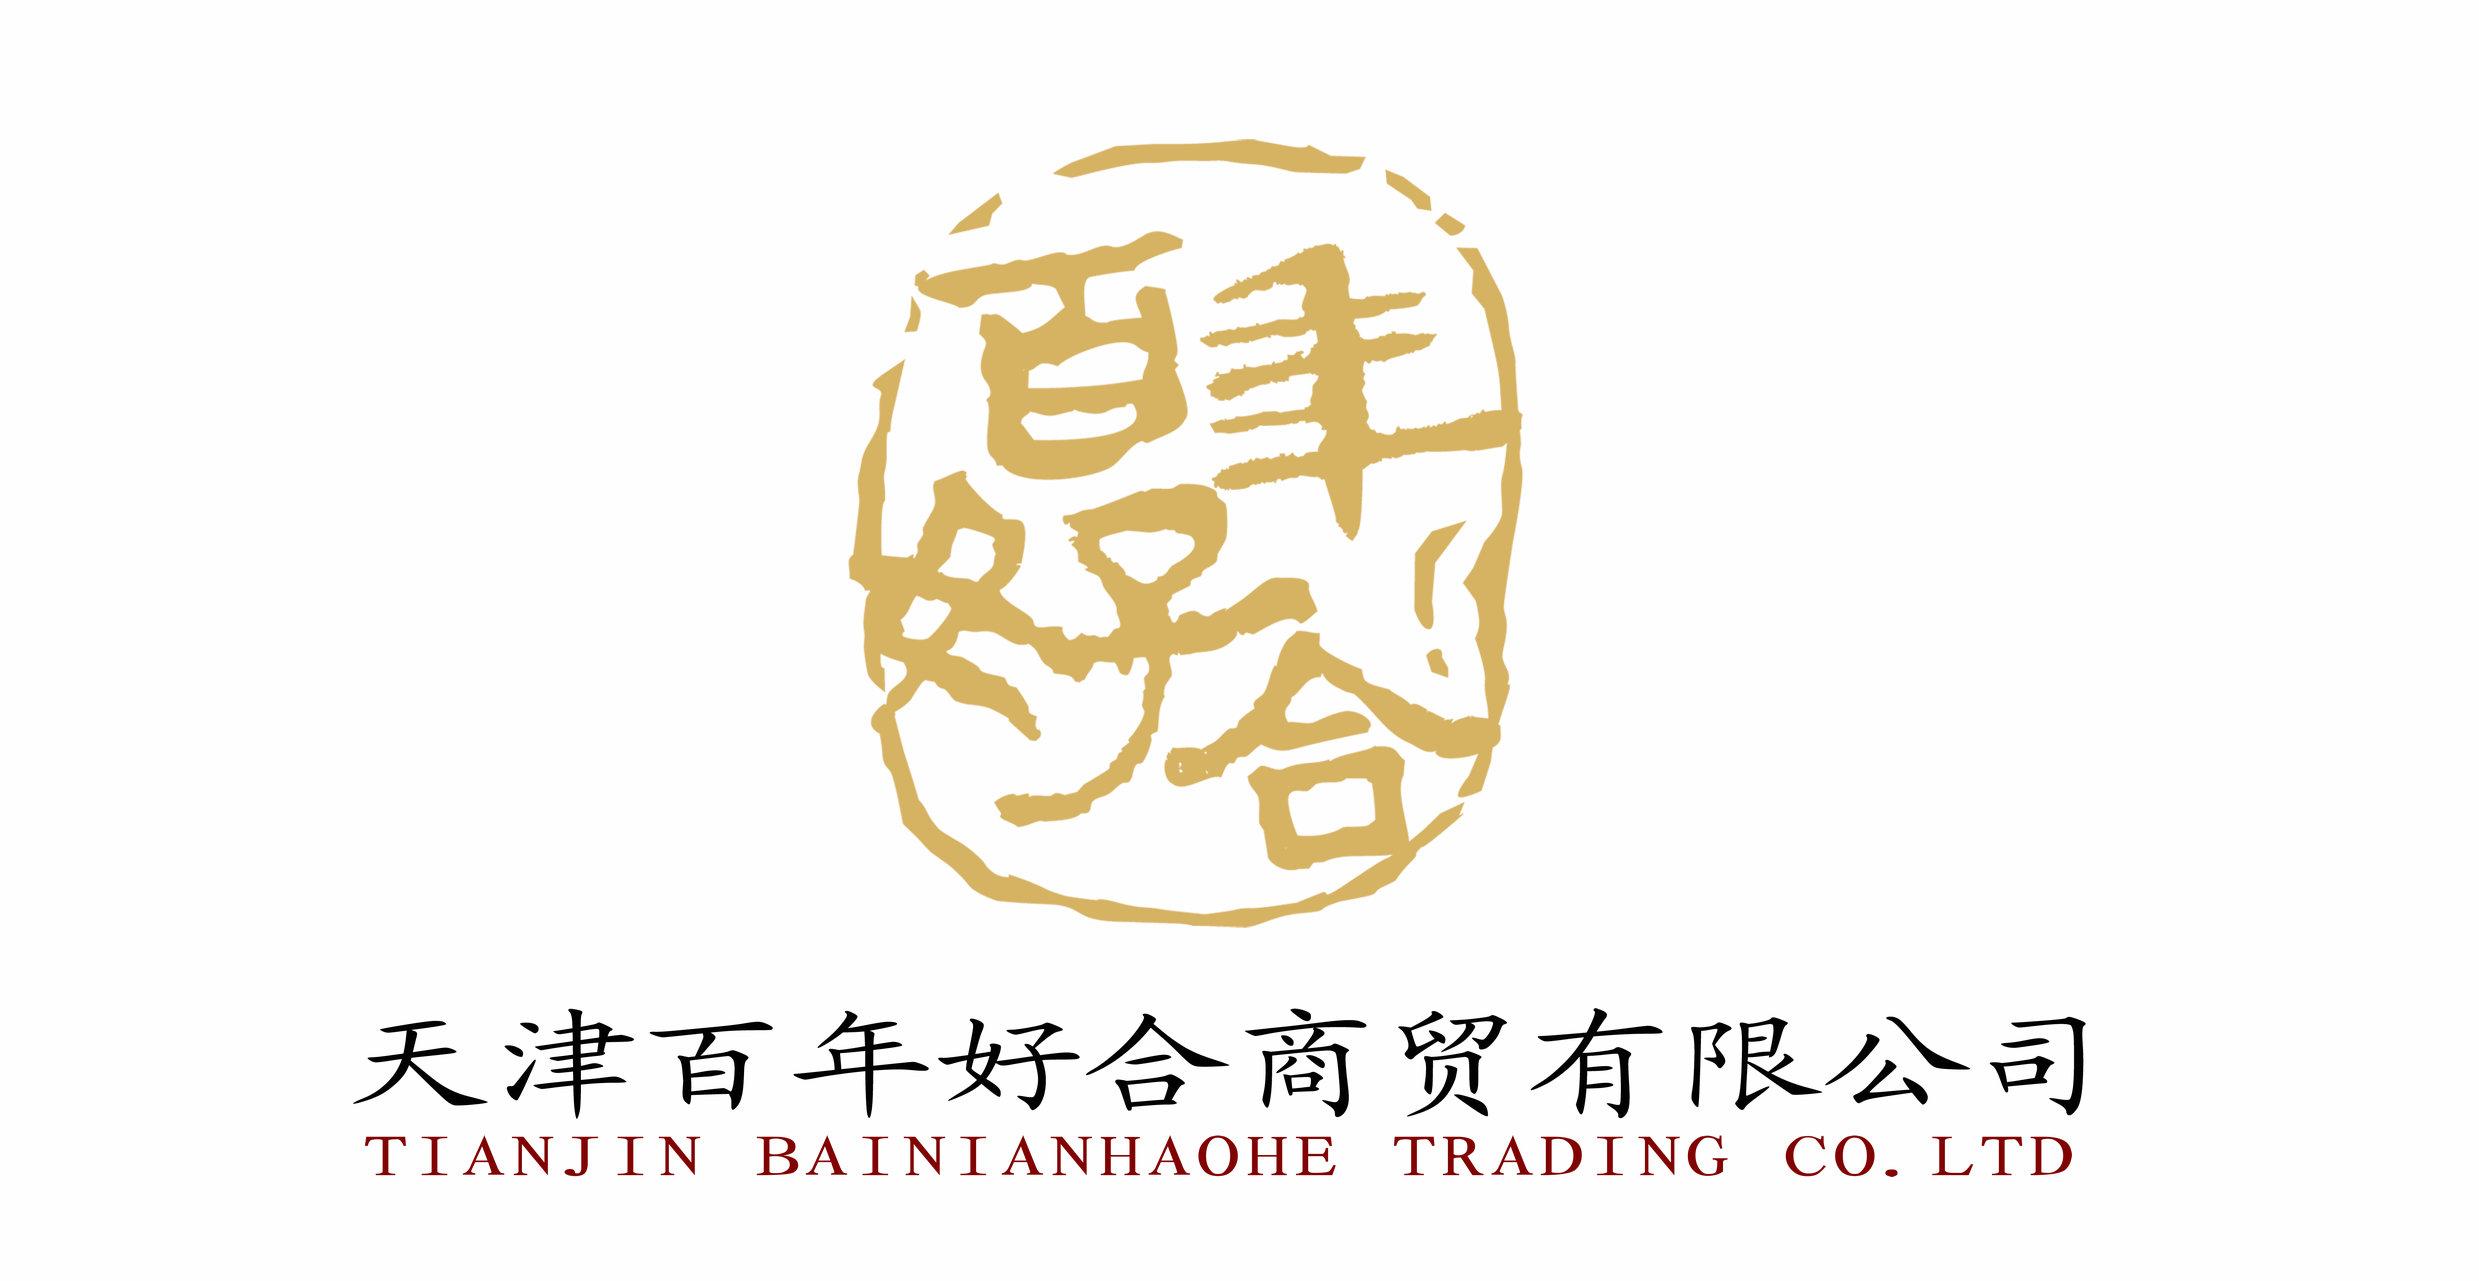 天津百年好合商贸有限公司